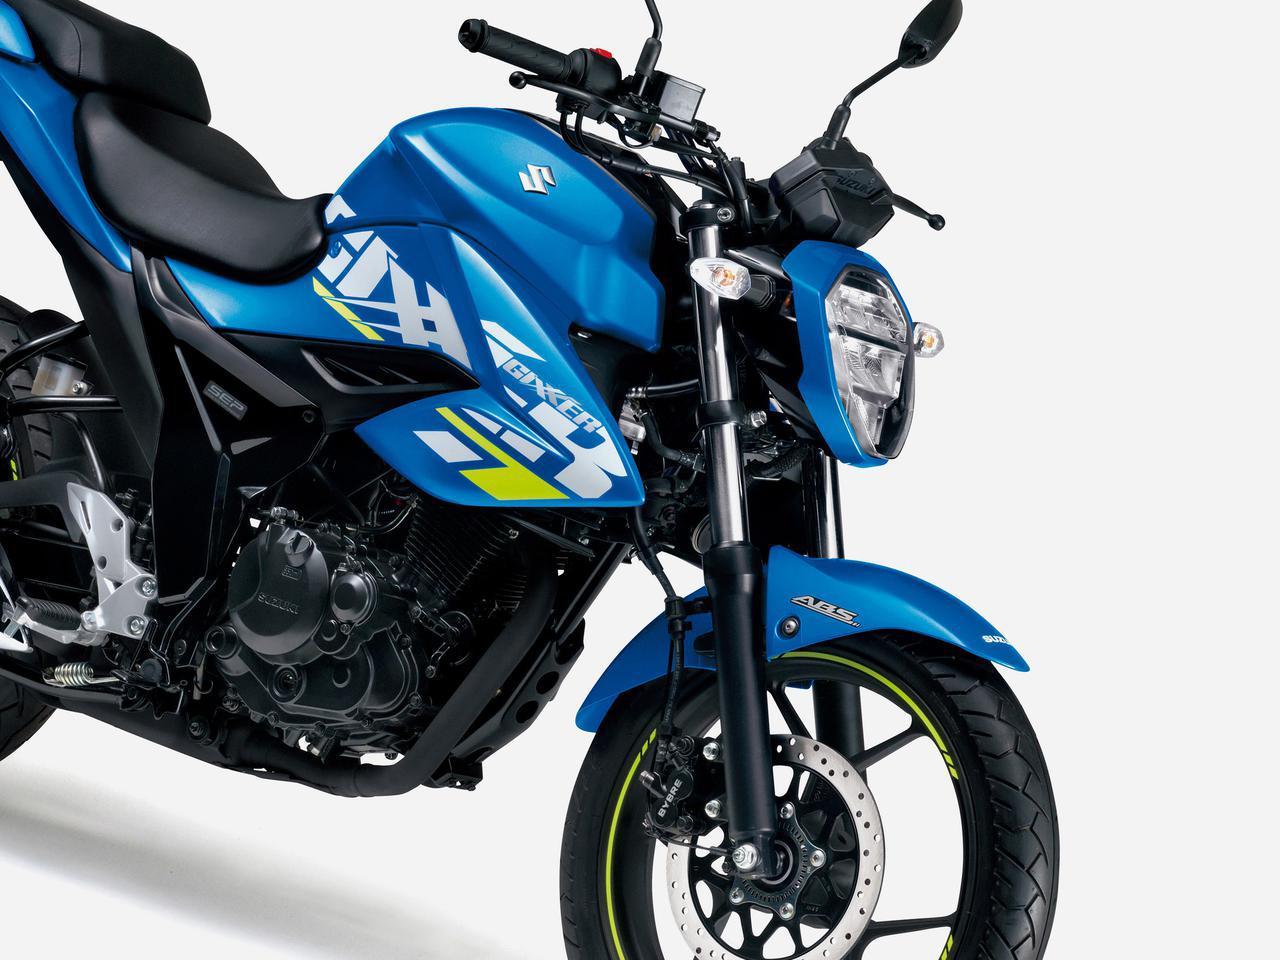 画像: 最強コスパ系150ccバイク! スズキの燃費王『ジクサー(150)』の2021年モデルが攻めのカラーに!? - スズキのバイク